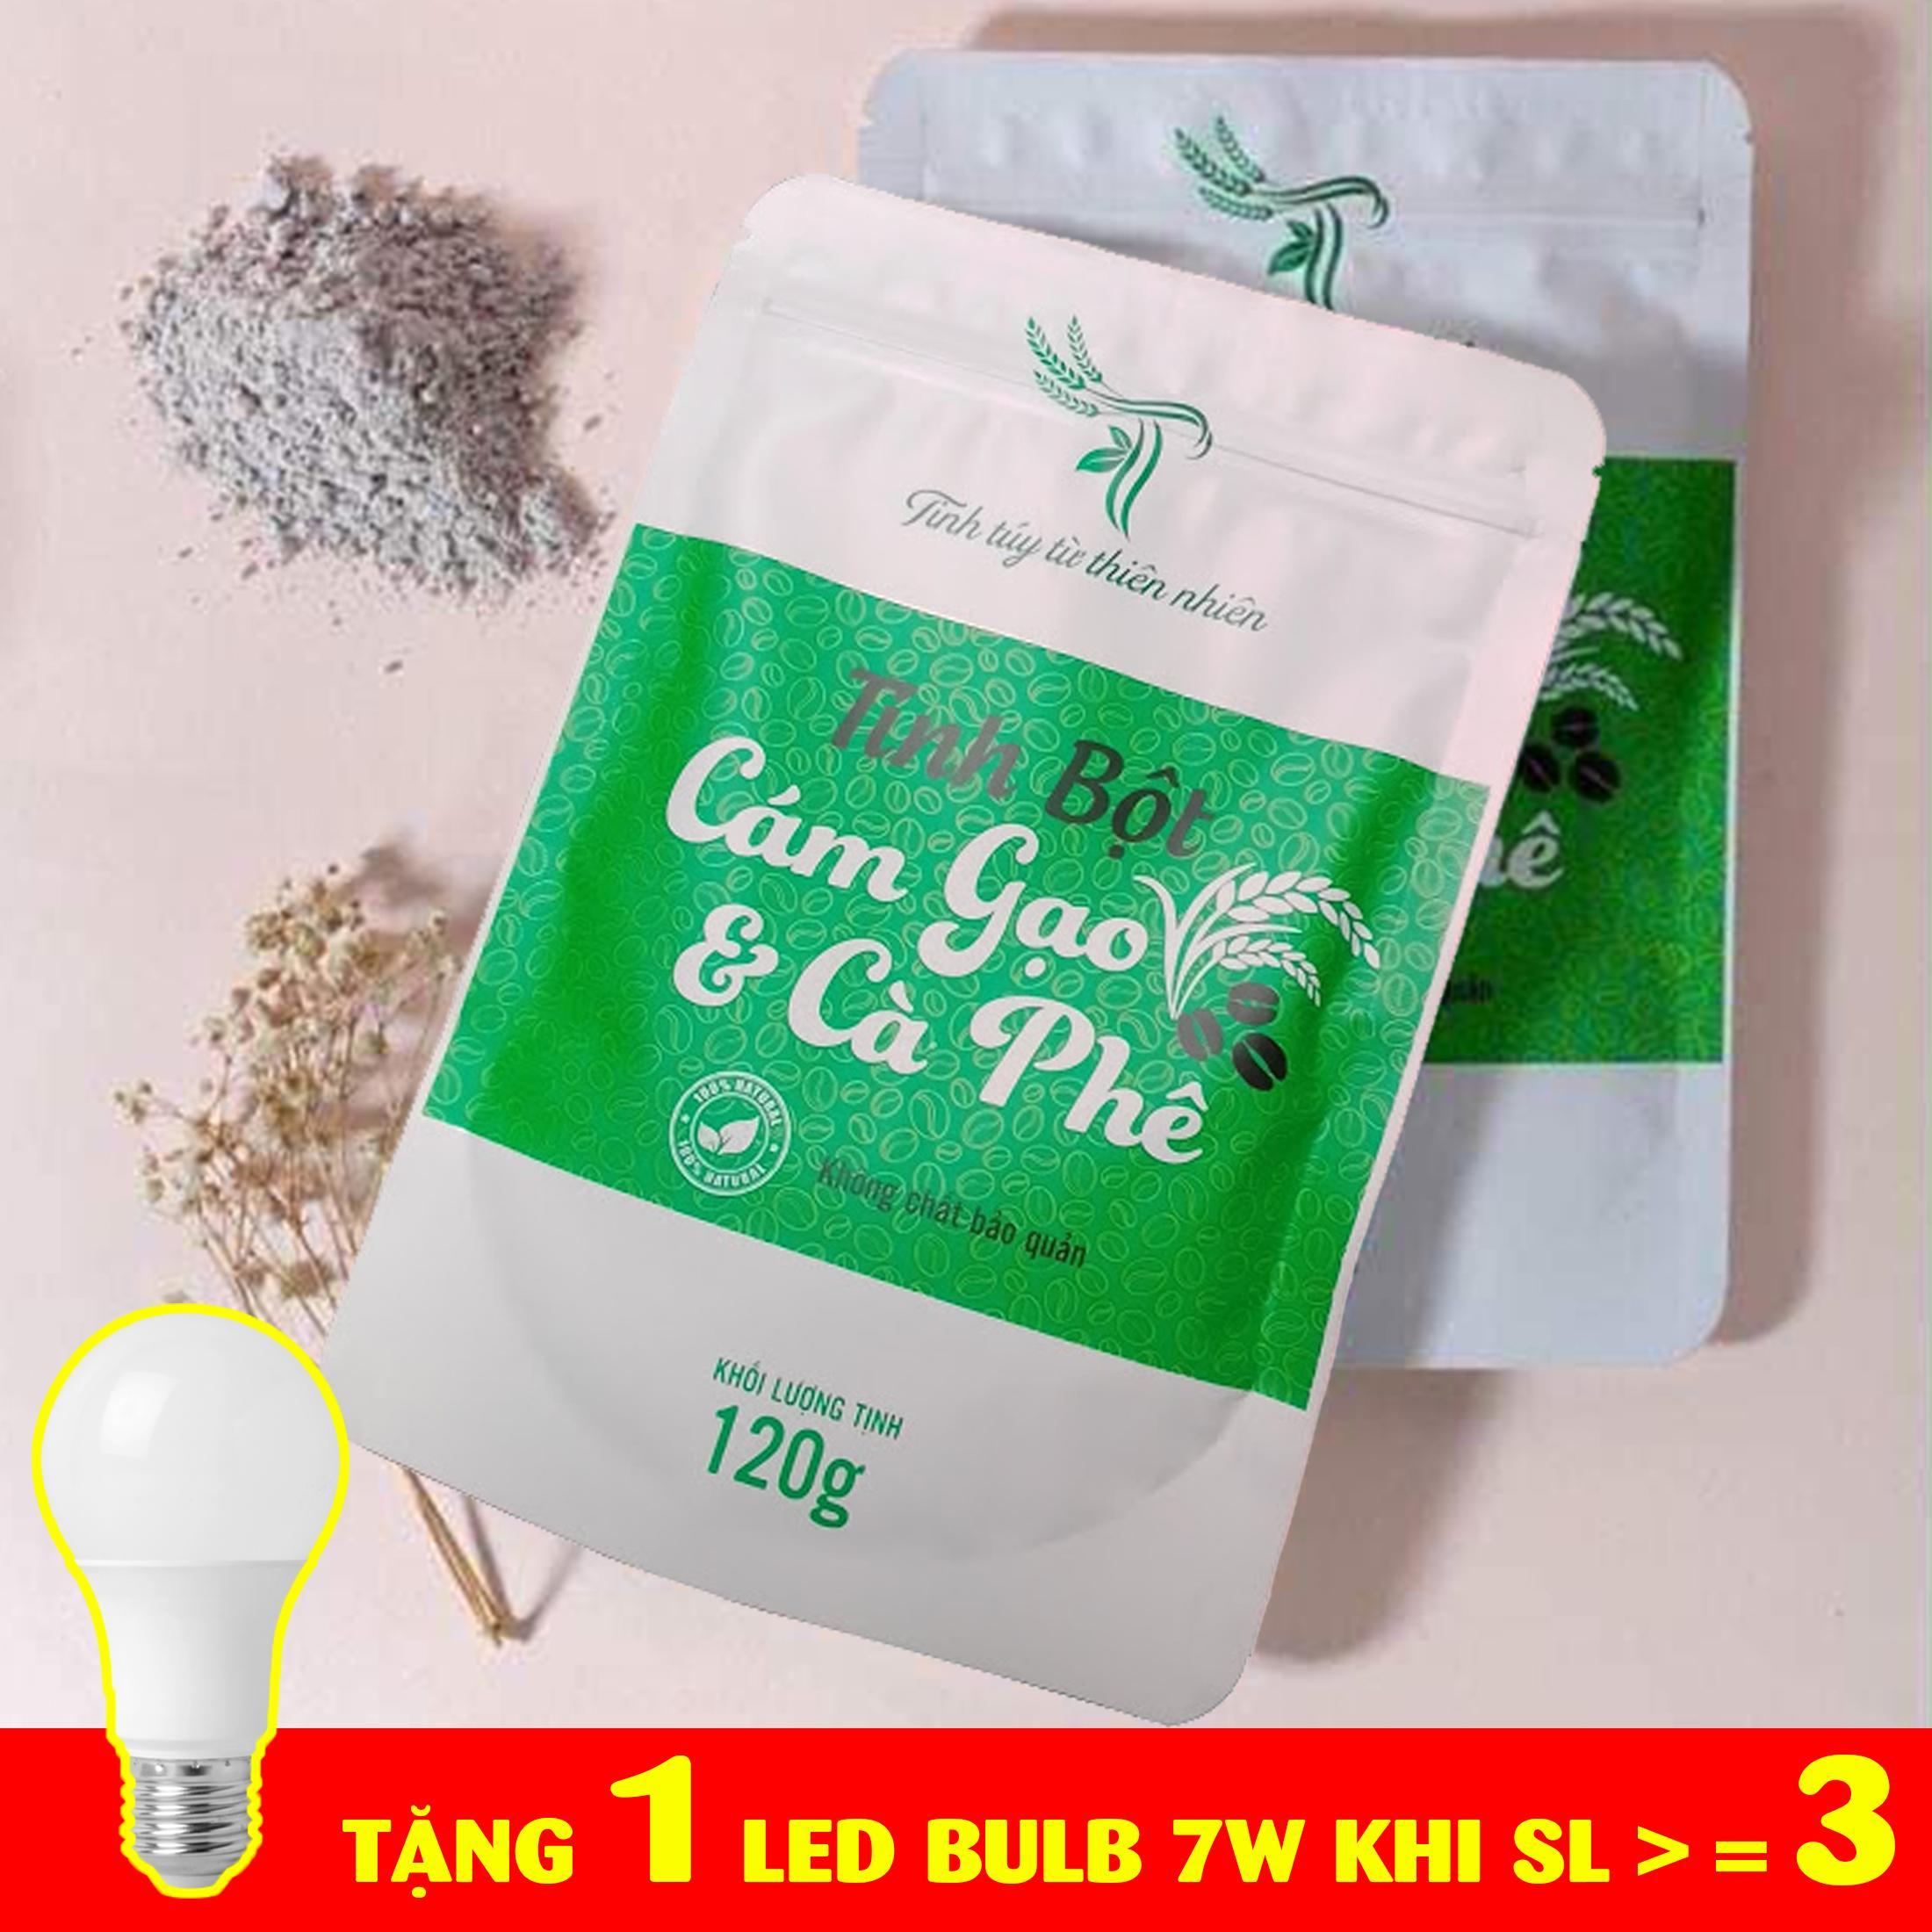 Tinh bột cám gạo cà phê